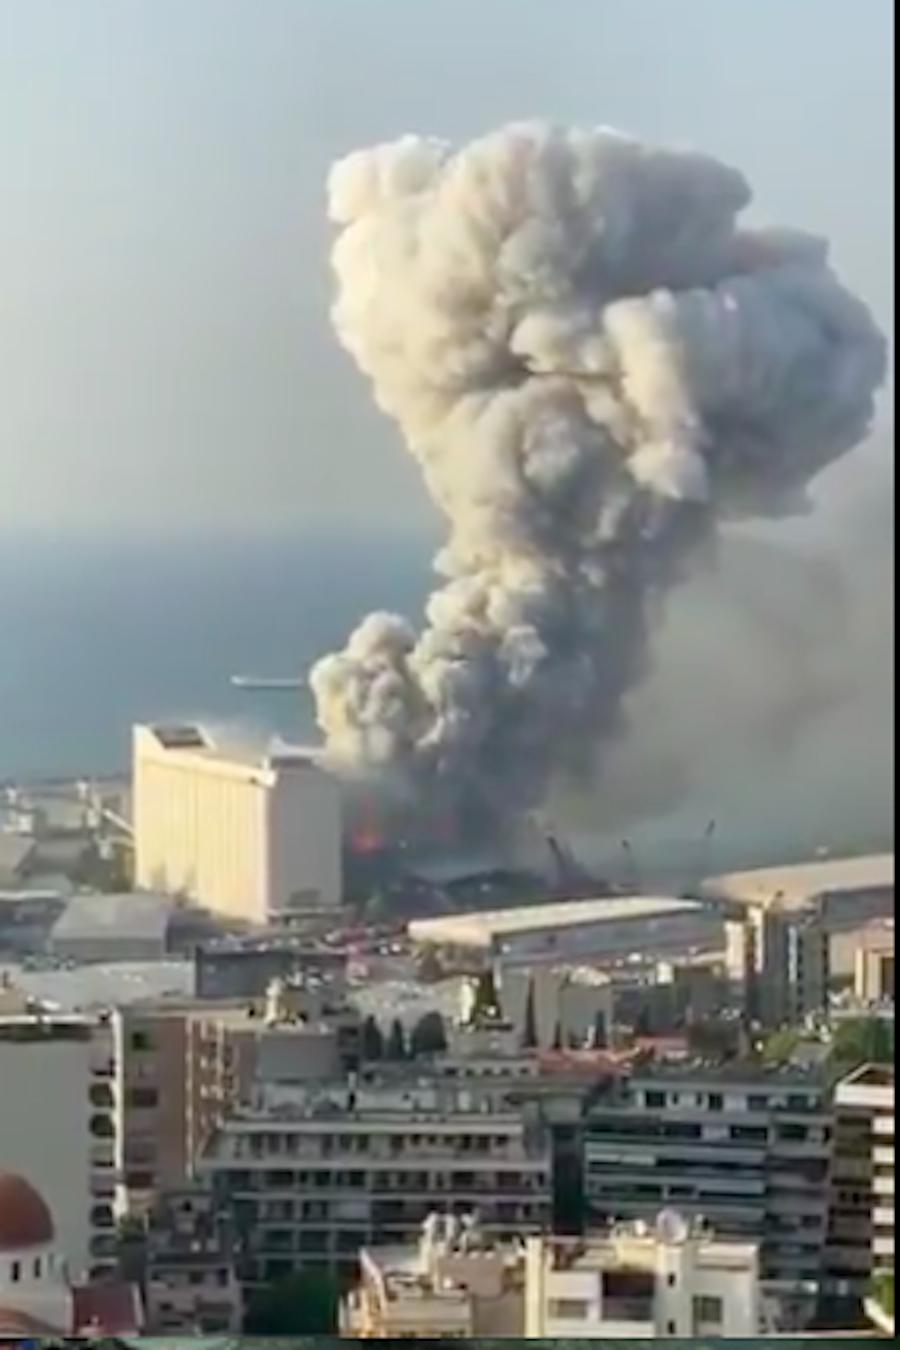 Esplosioni nel centro della città, palazzi distrutti, feriti e fumo: i video